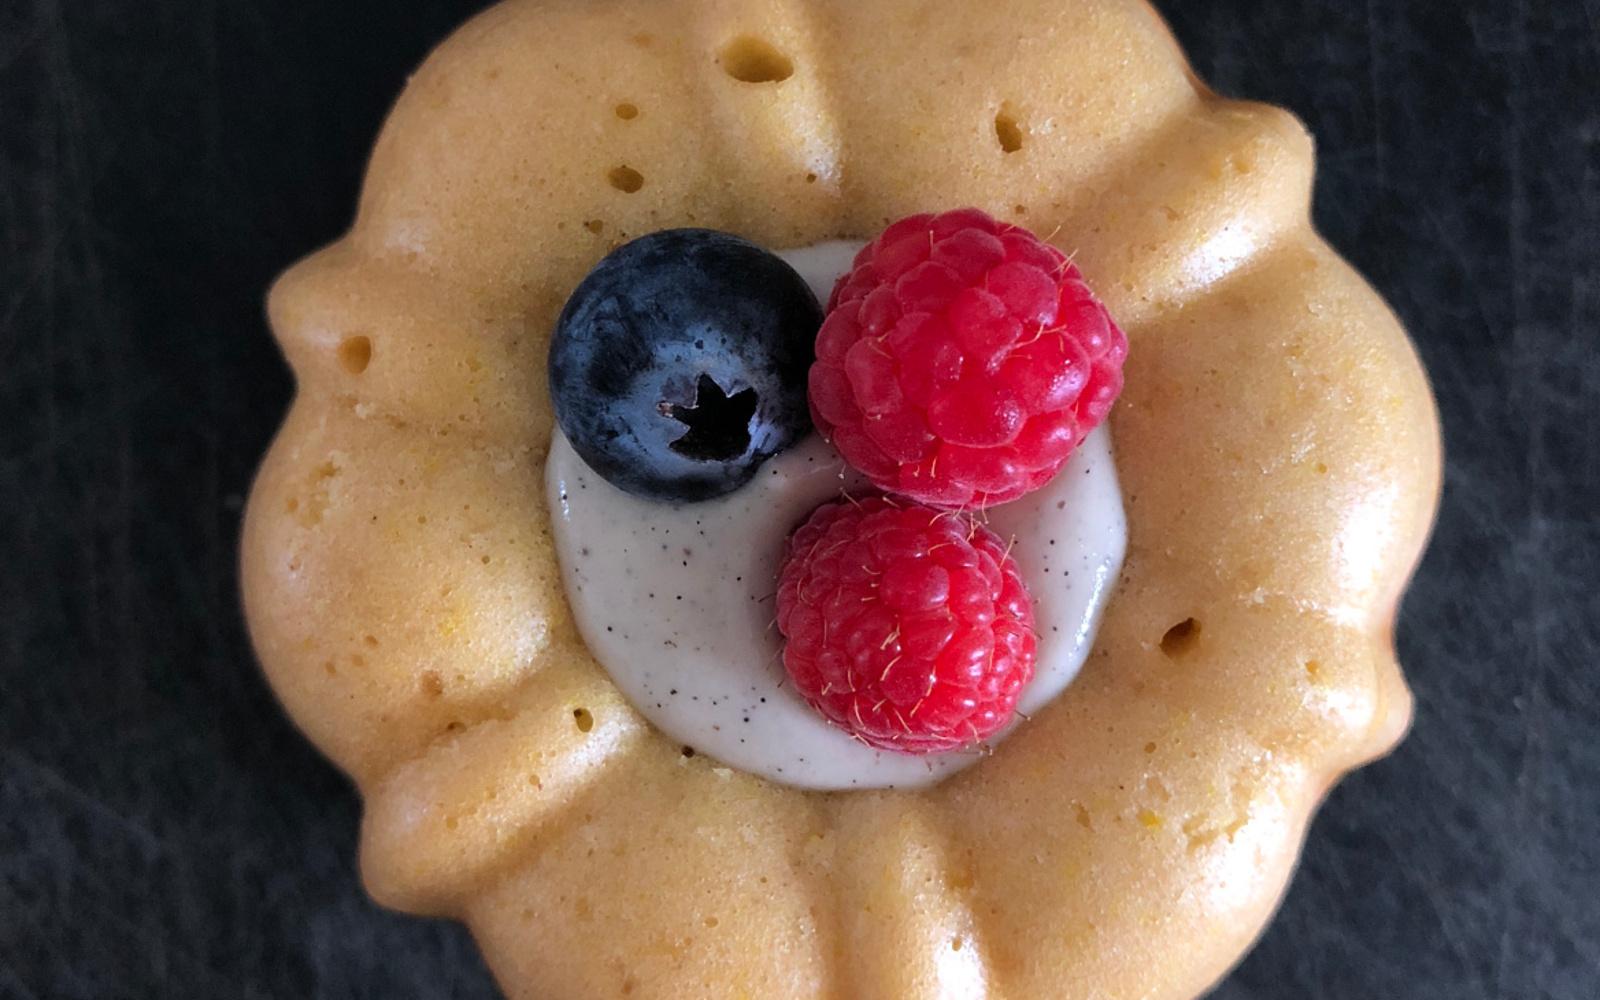 Vegan Mini Yogurt Bundt Cakes With Berries and Filling